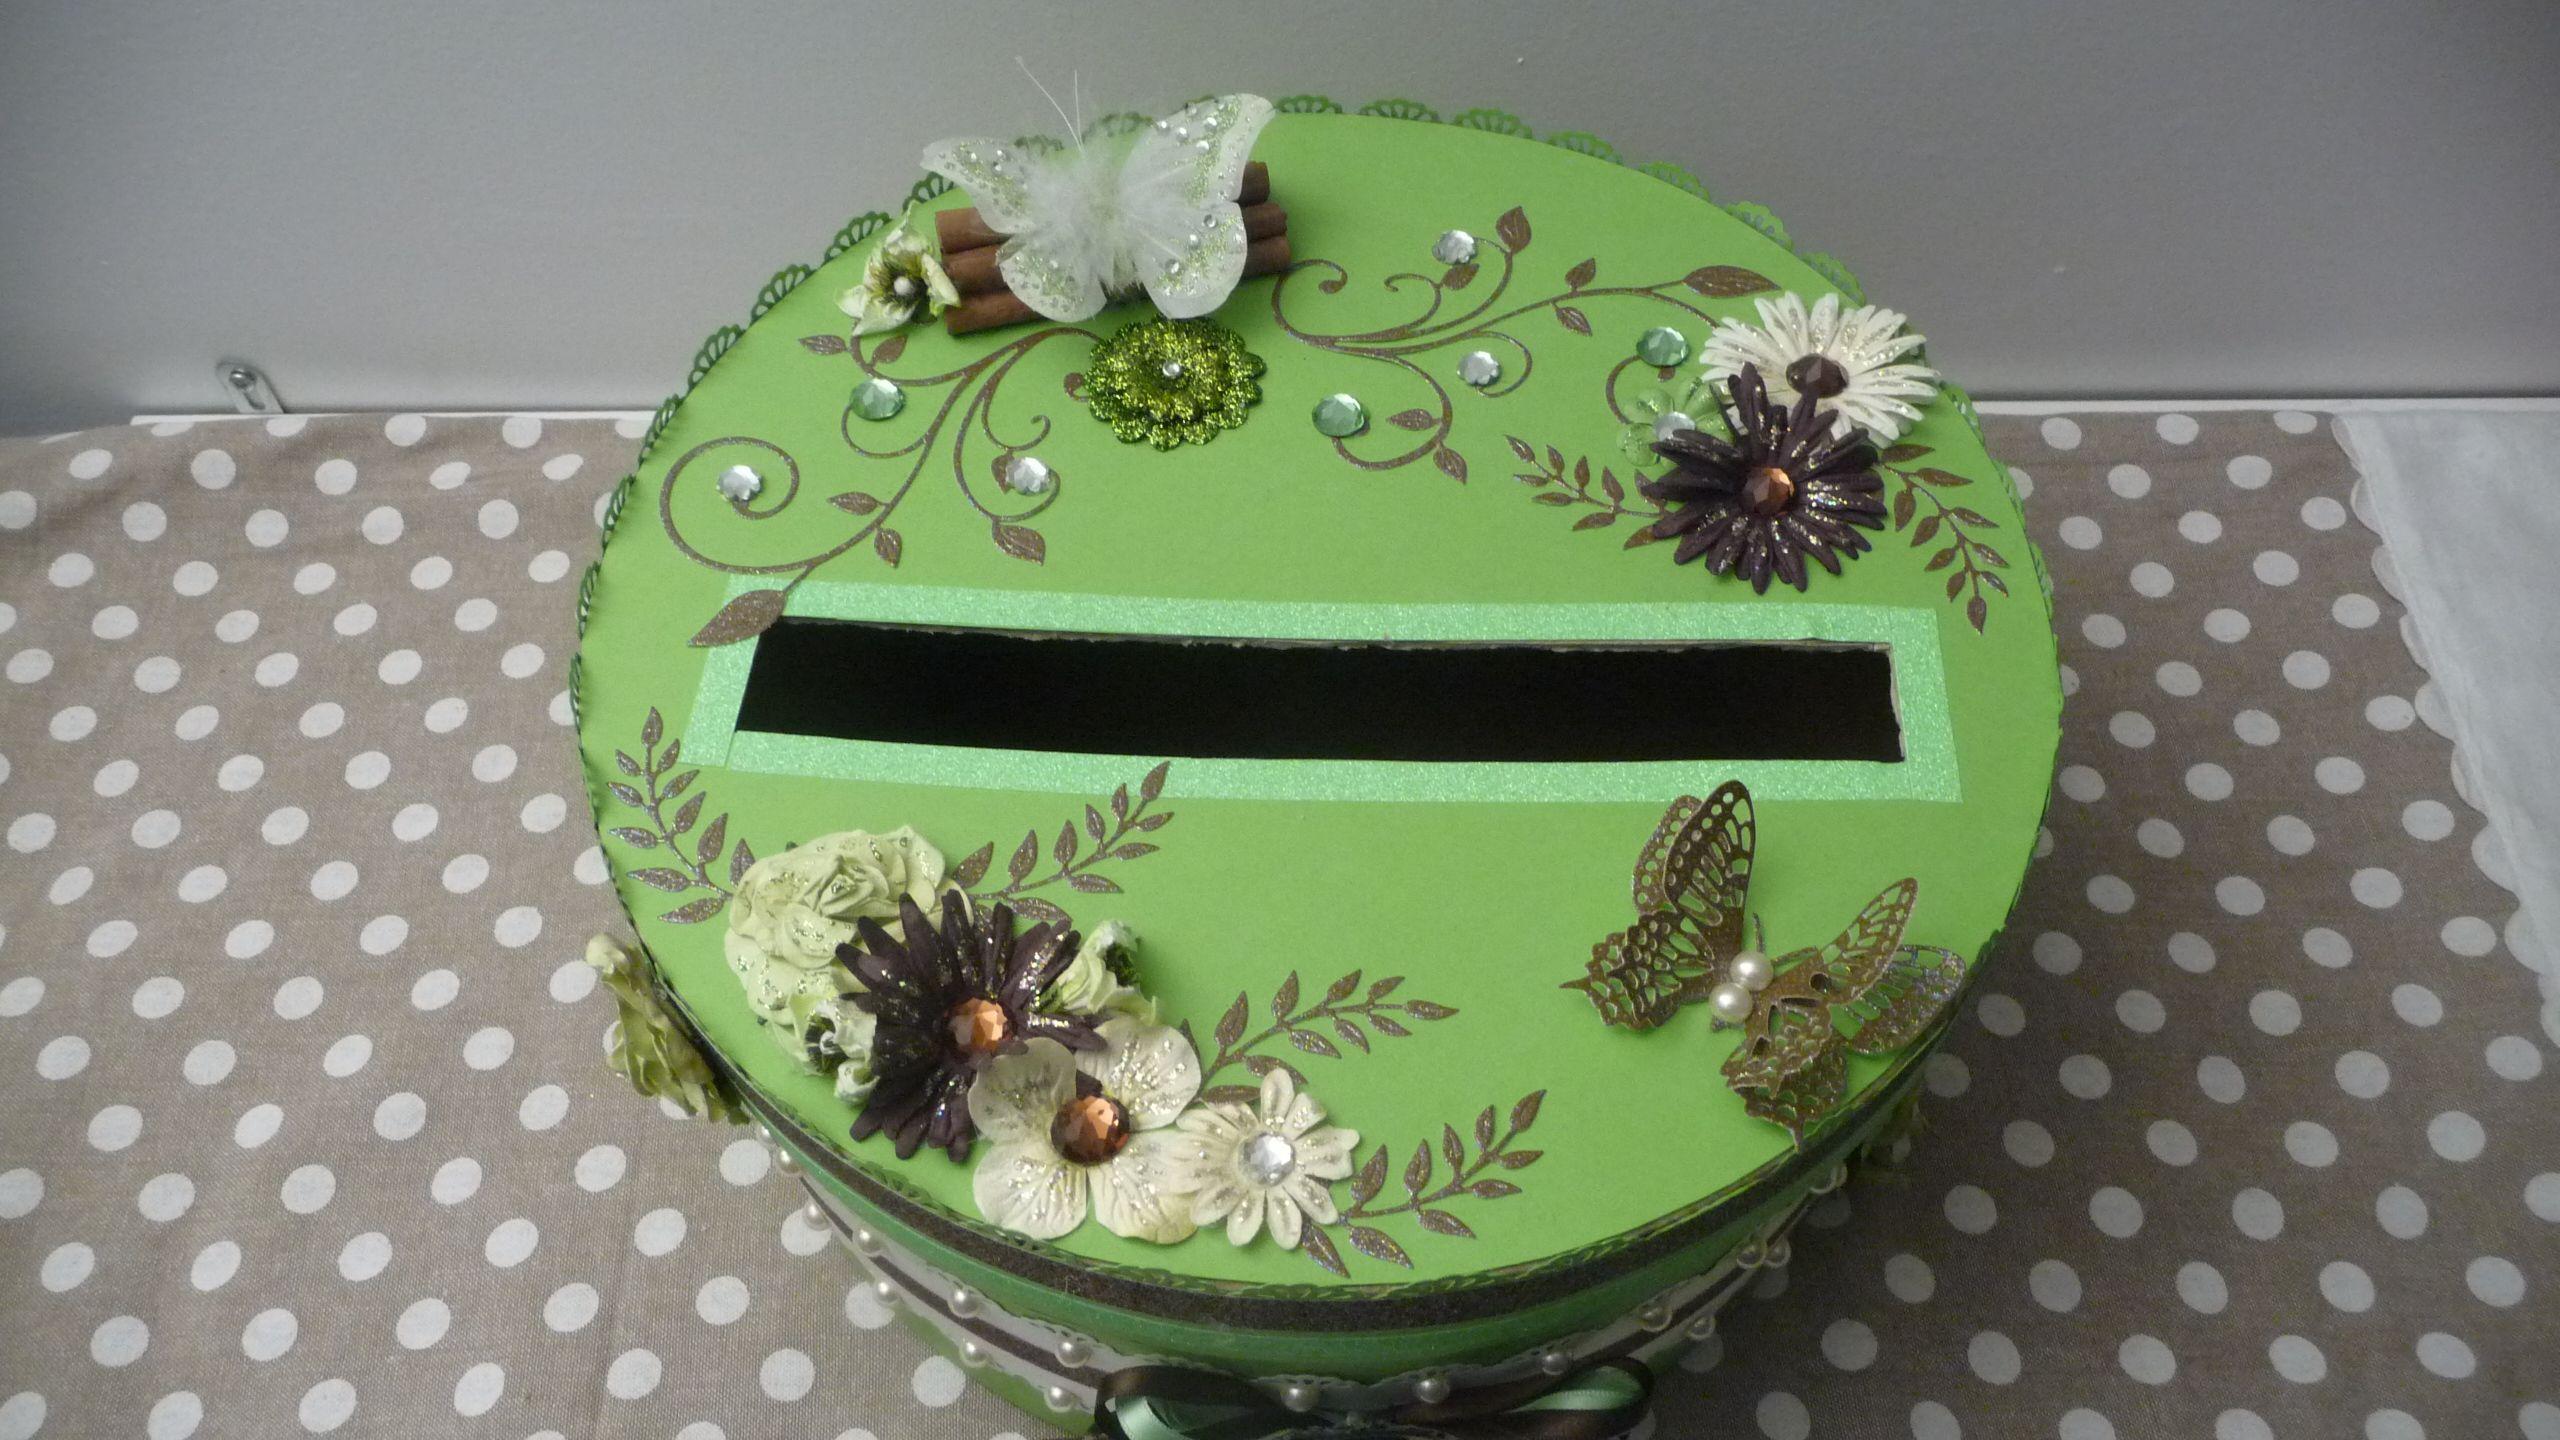 Decoration Urne Anniversaire Ans  Urne anniversaire de mariage